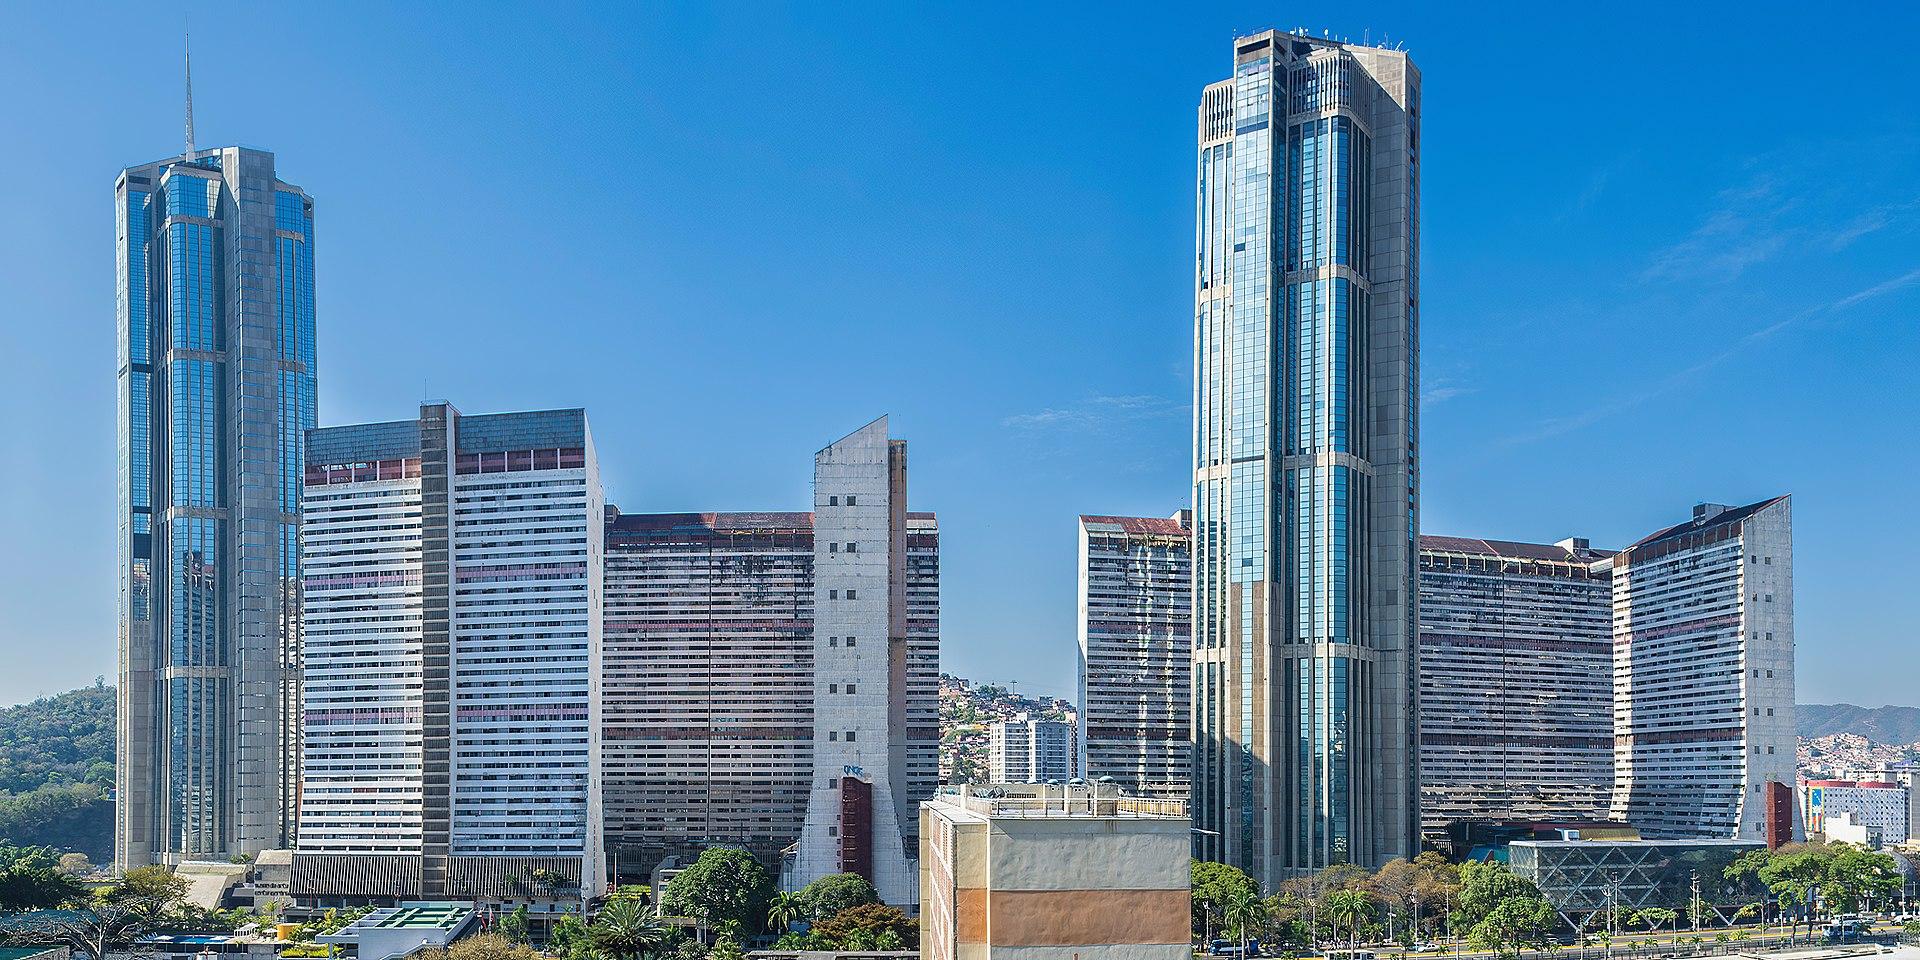 Vuelven los edificios de uso mixto Tadeo Arosio122 - Vuelven los edificios de uso mixto